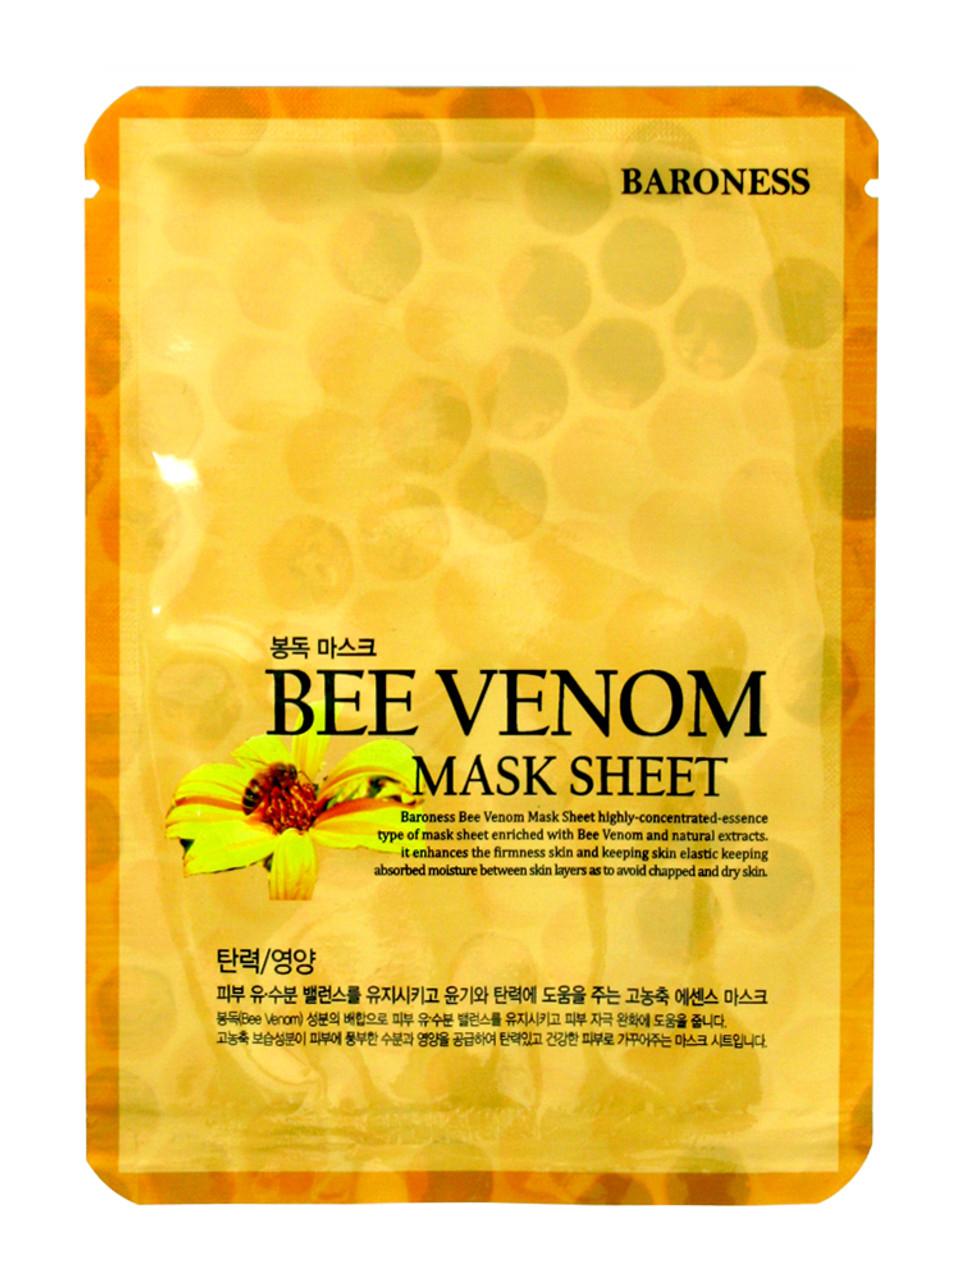 Wholesale Baroness Bee Venom Extract